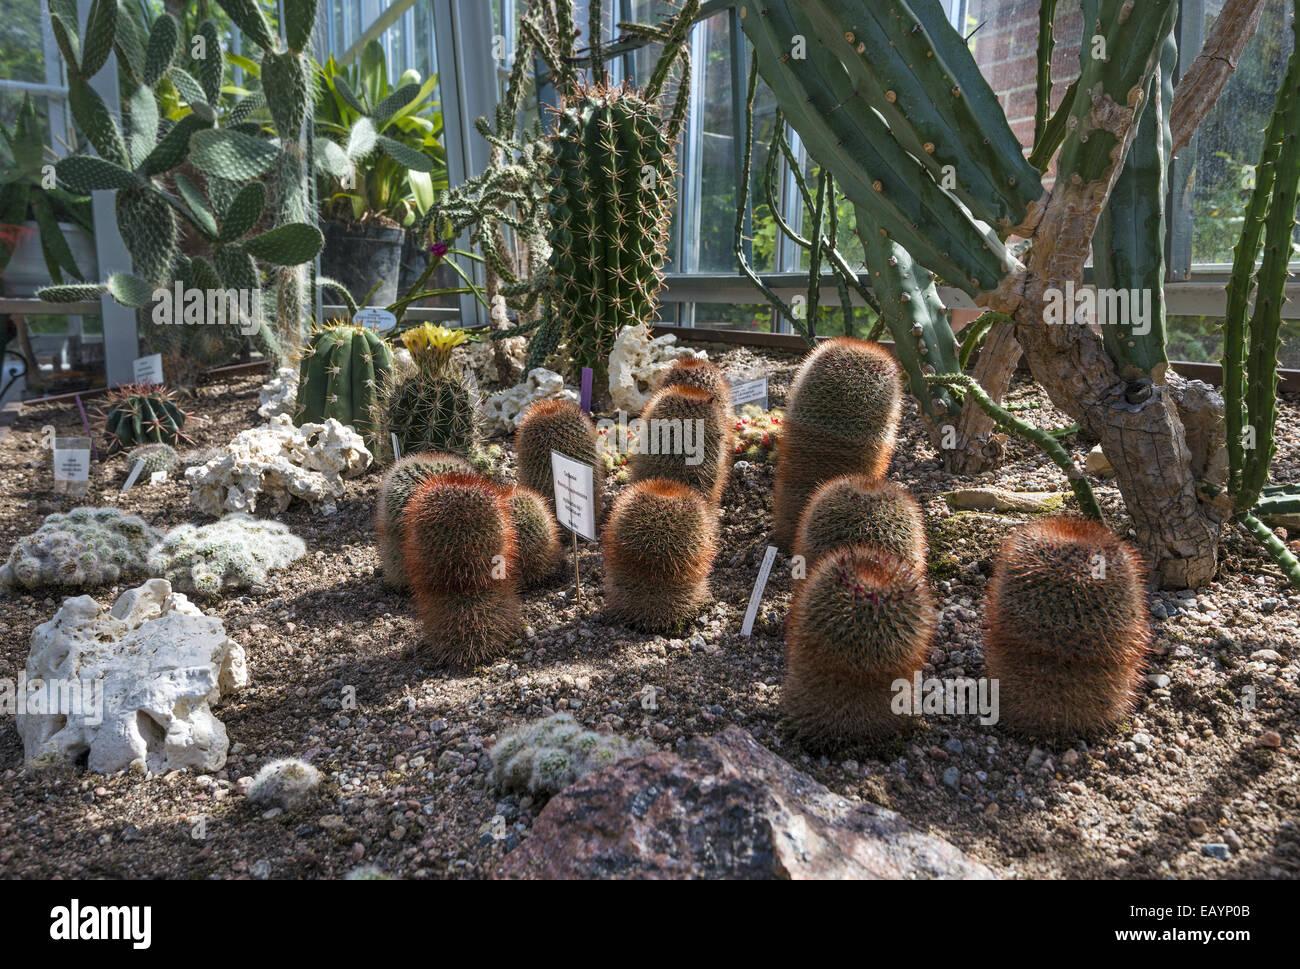 L Affichage A L Interieur Du Cactus Jardin D Hiver D Helsinki